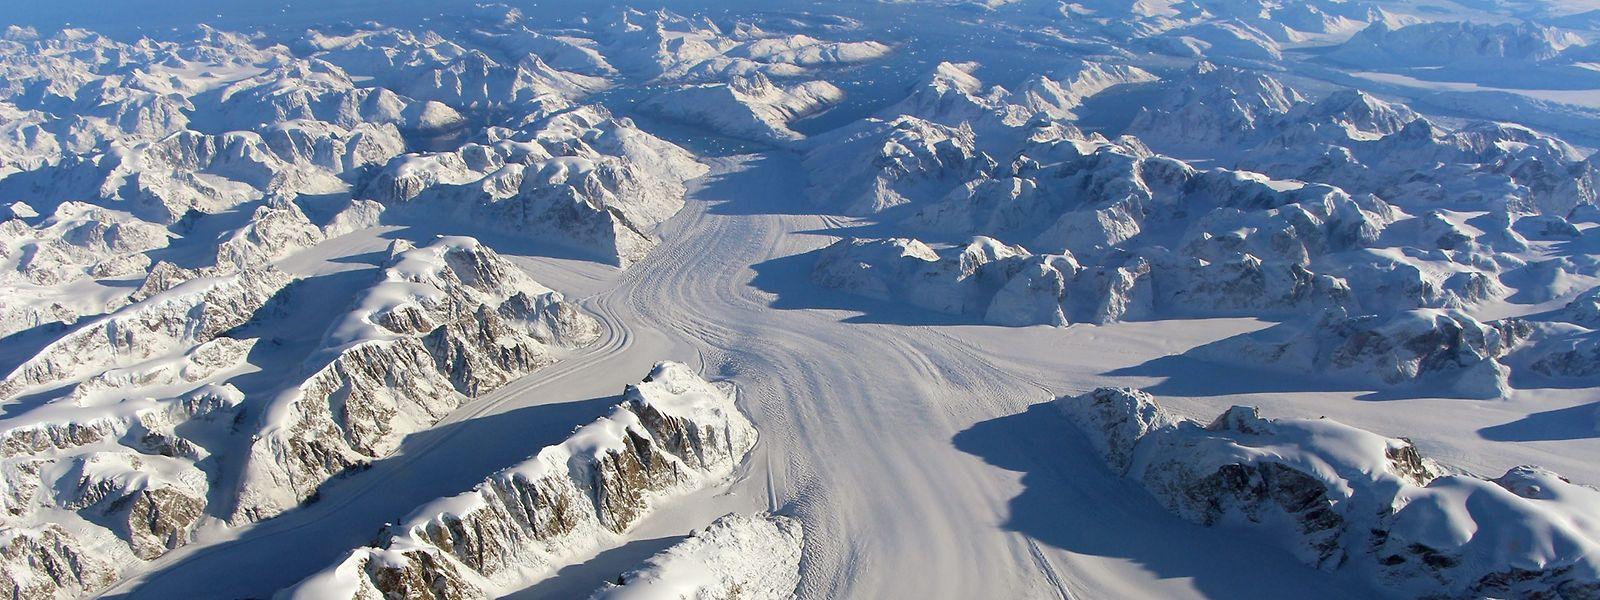 Der Heimdal-Gletscher in Südgrönland.